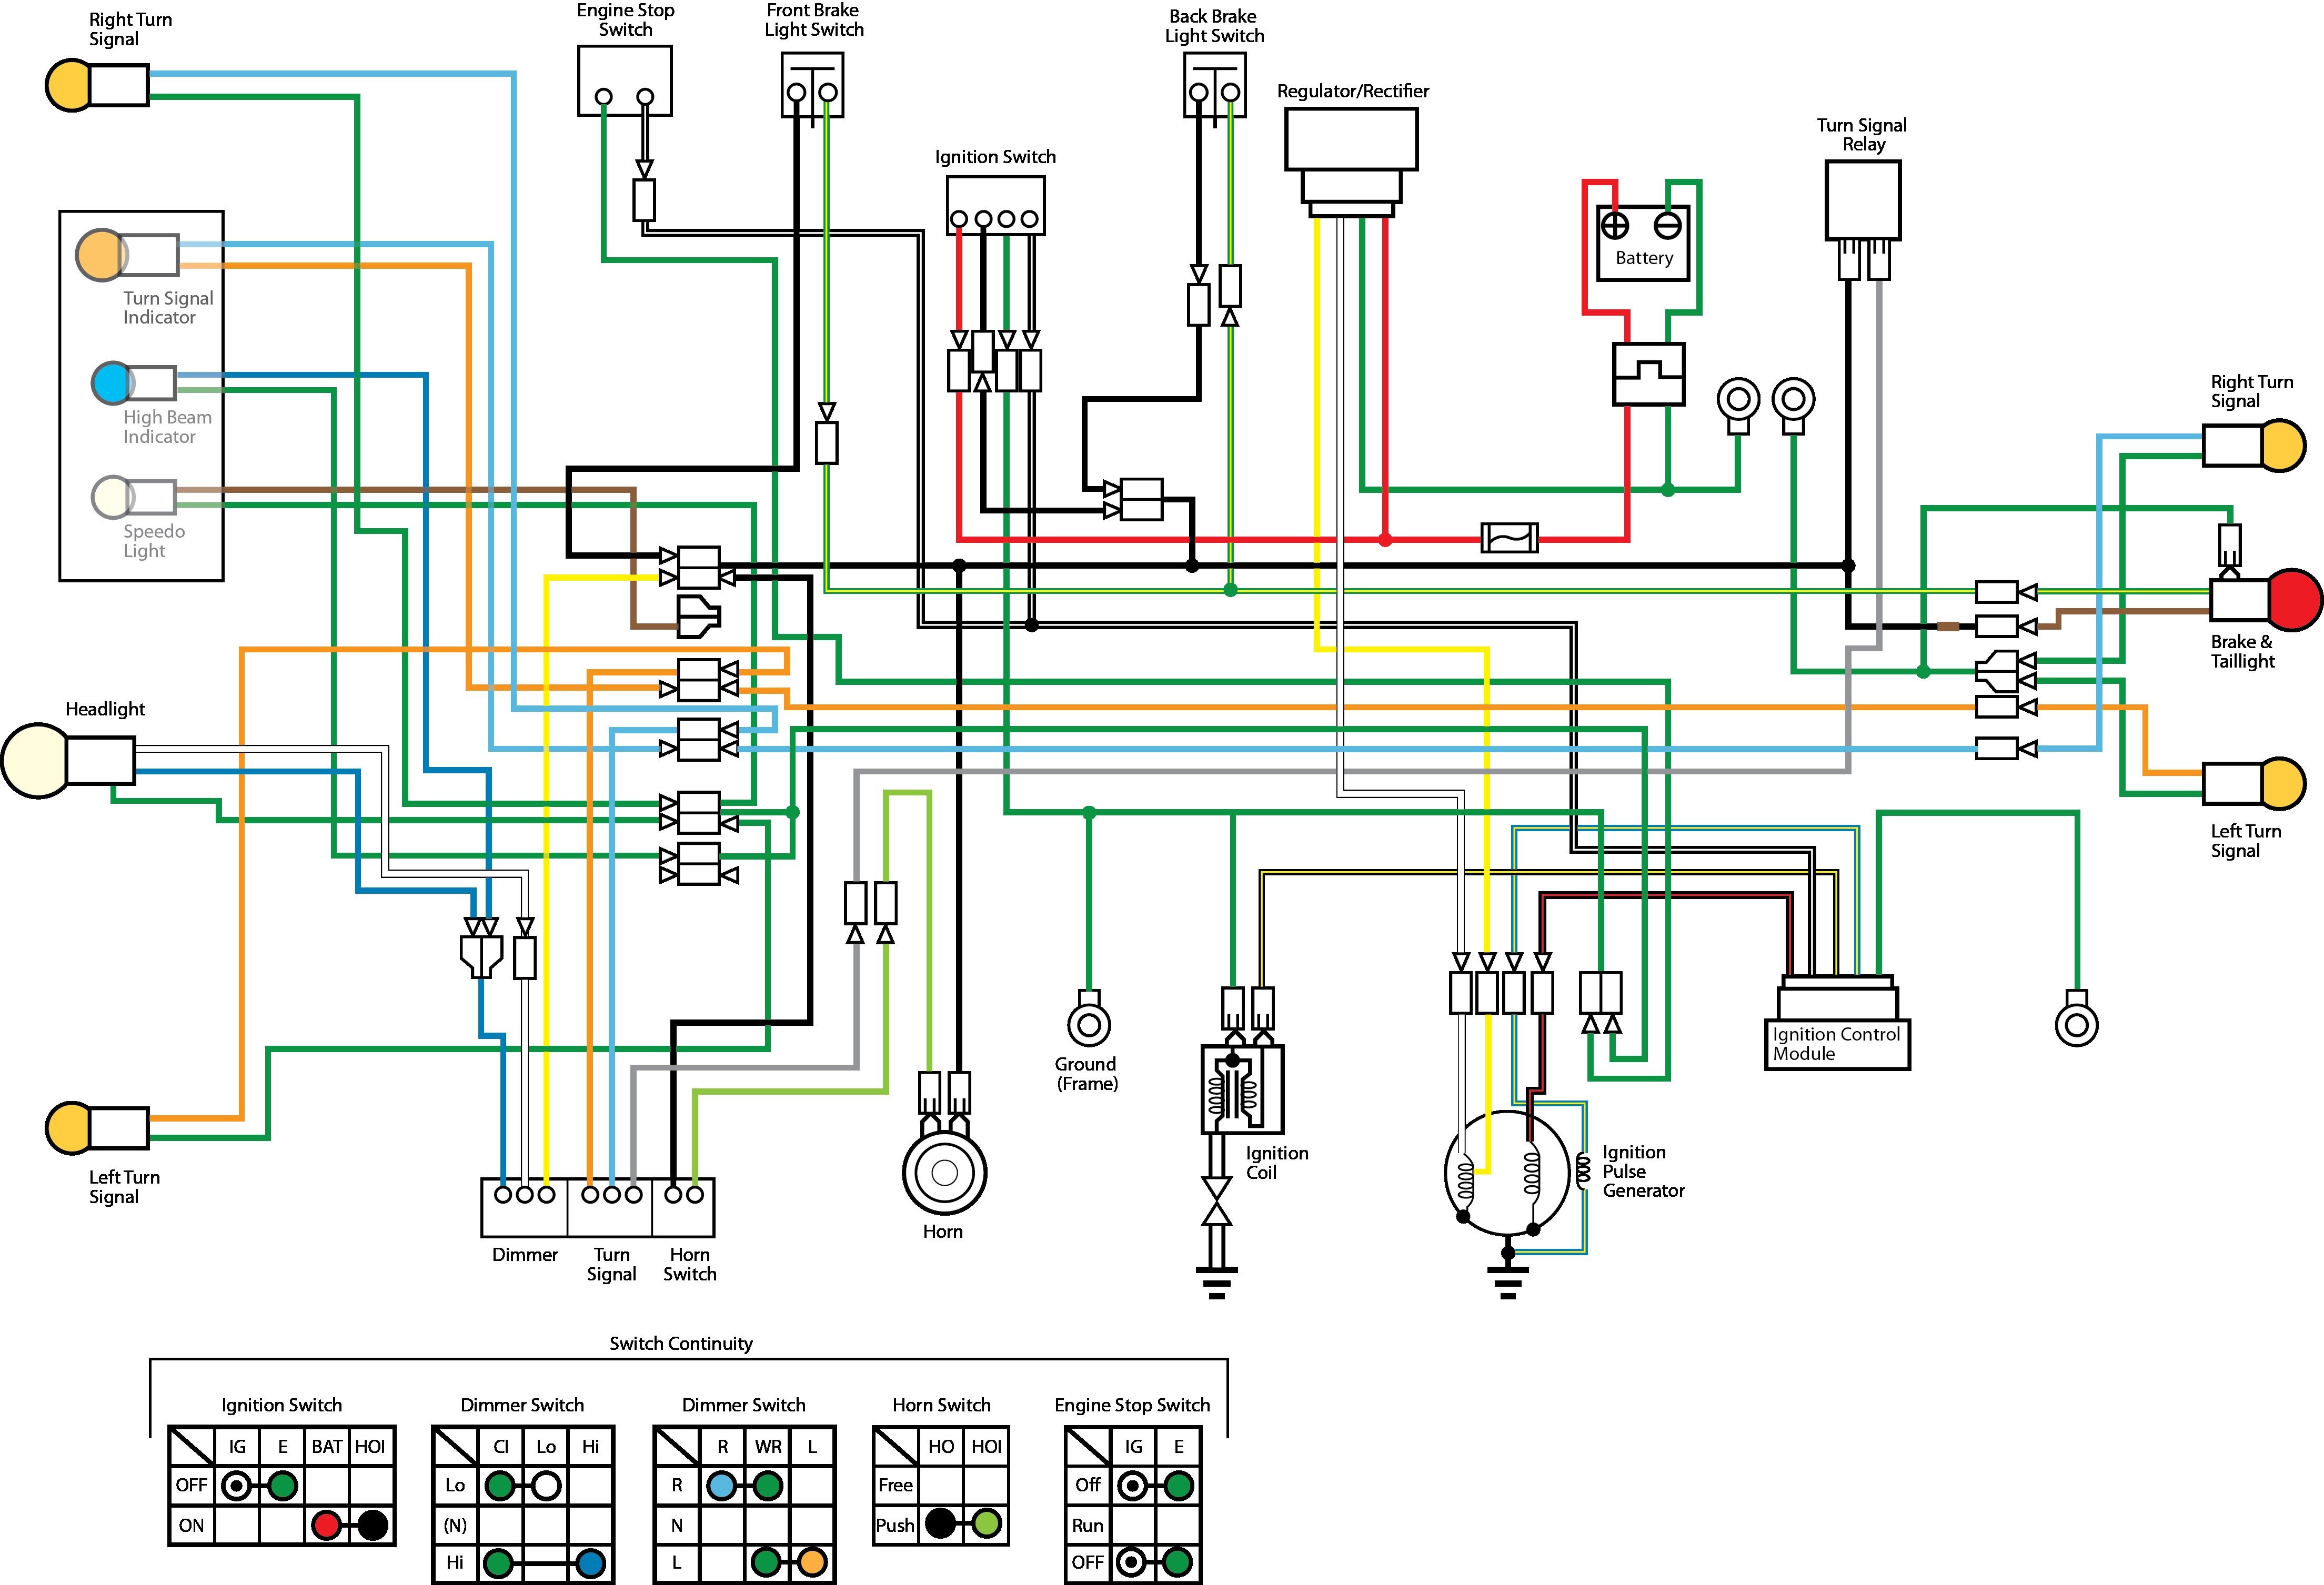 honda xrm 125 wiring schematic honda image wiring honda xrm 125 wiring diagram honda auto wiring diagram schematic on honda xrm 125 wiring schematic